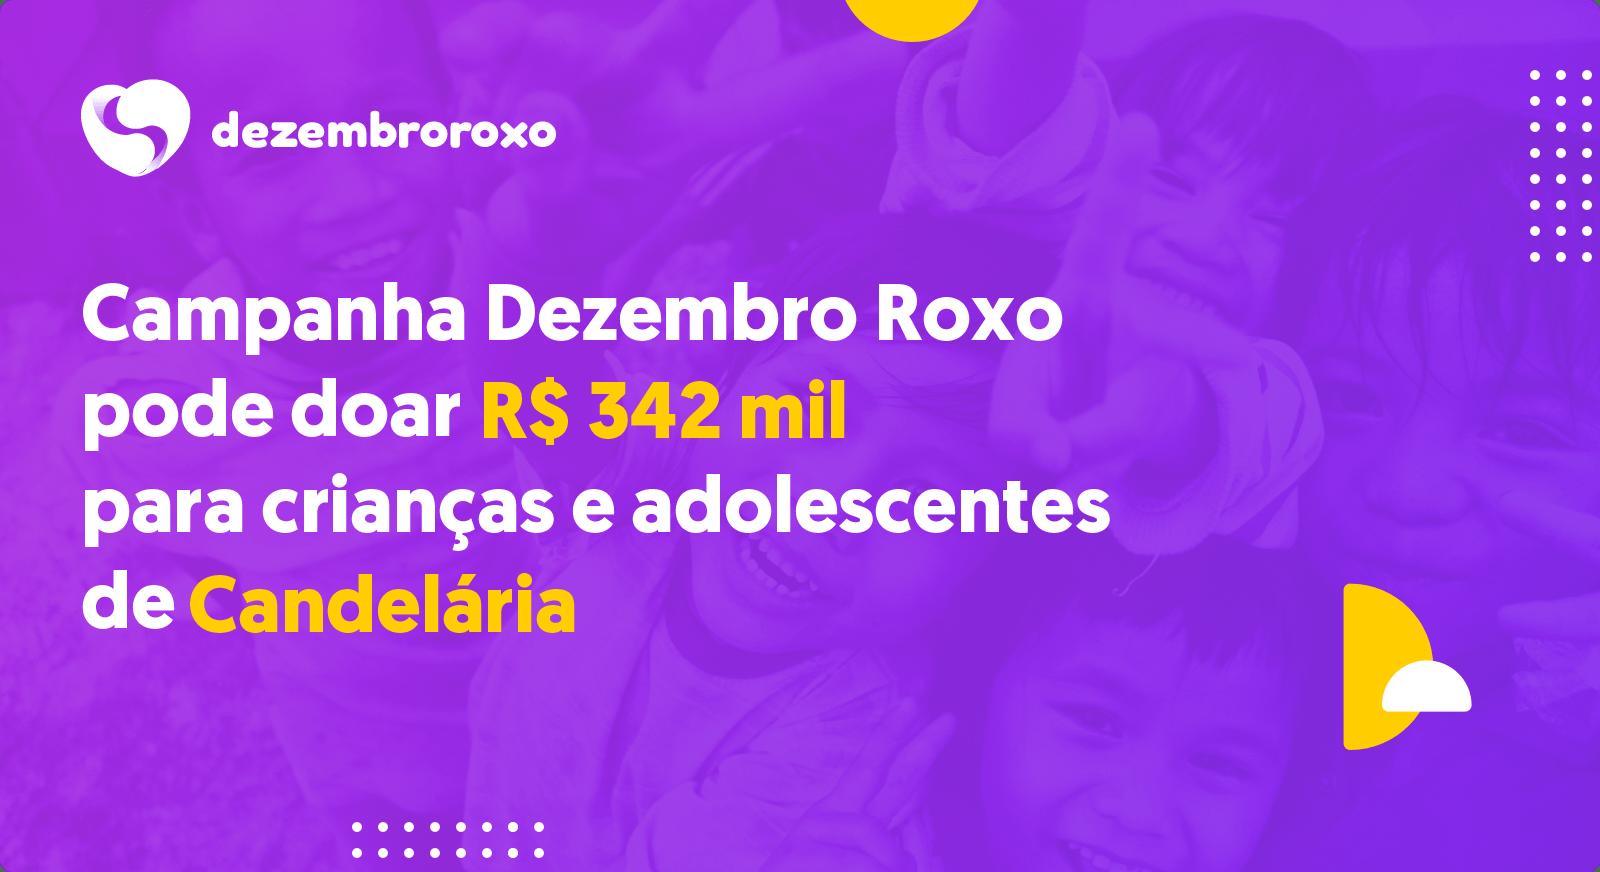 Doações em Candelária - RS